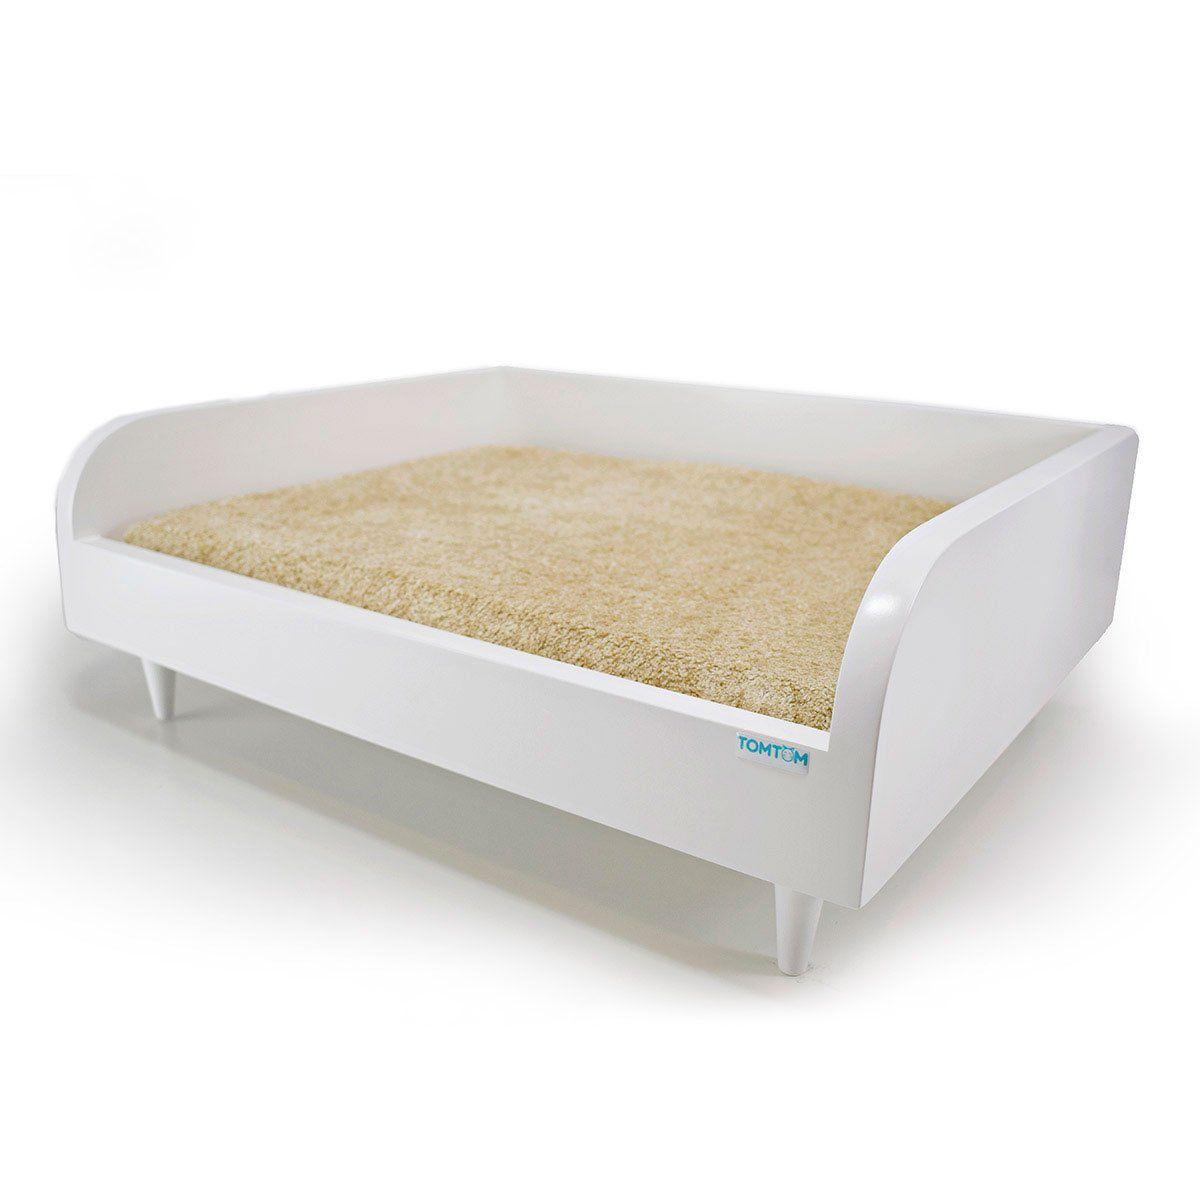 Sofá para Cachorro Tomtom Branco com Almofada Bege - P